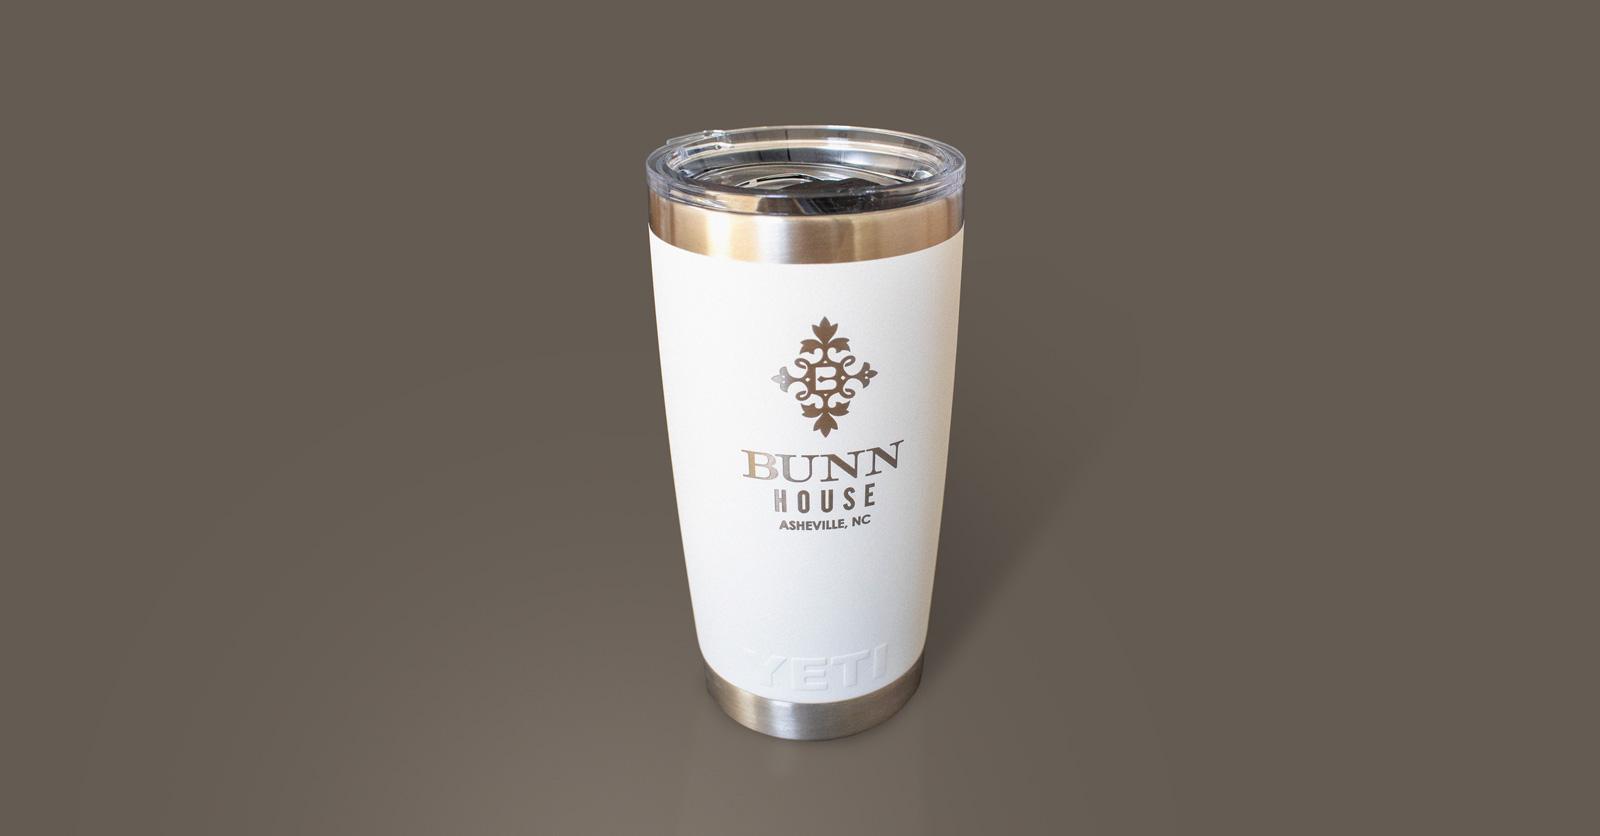 Bunn House Boutique Hotel White Yeti mug with gold logo